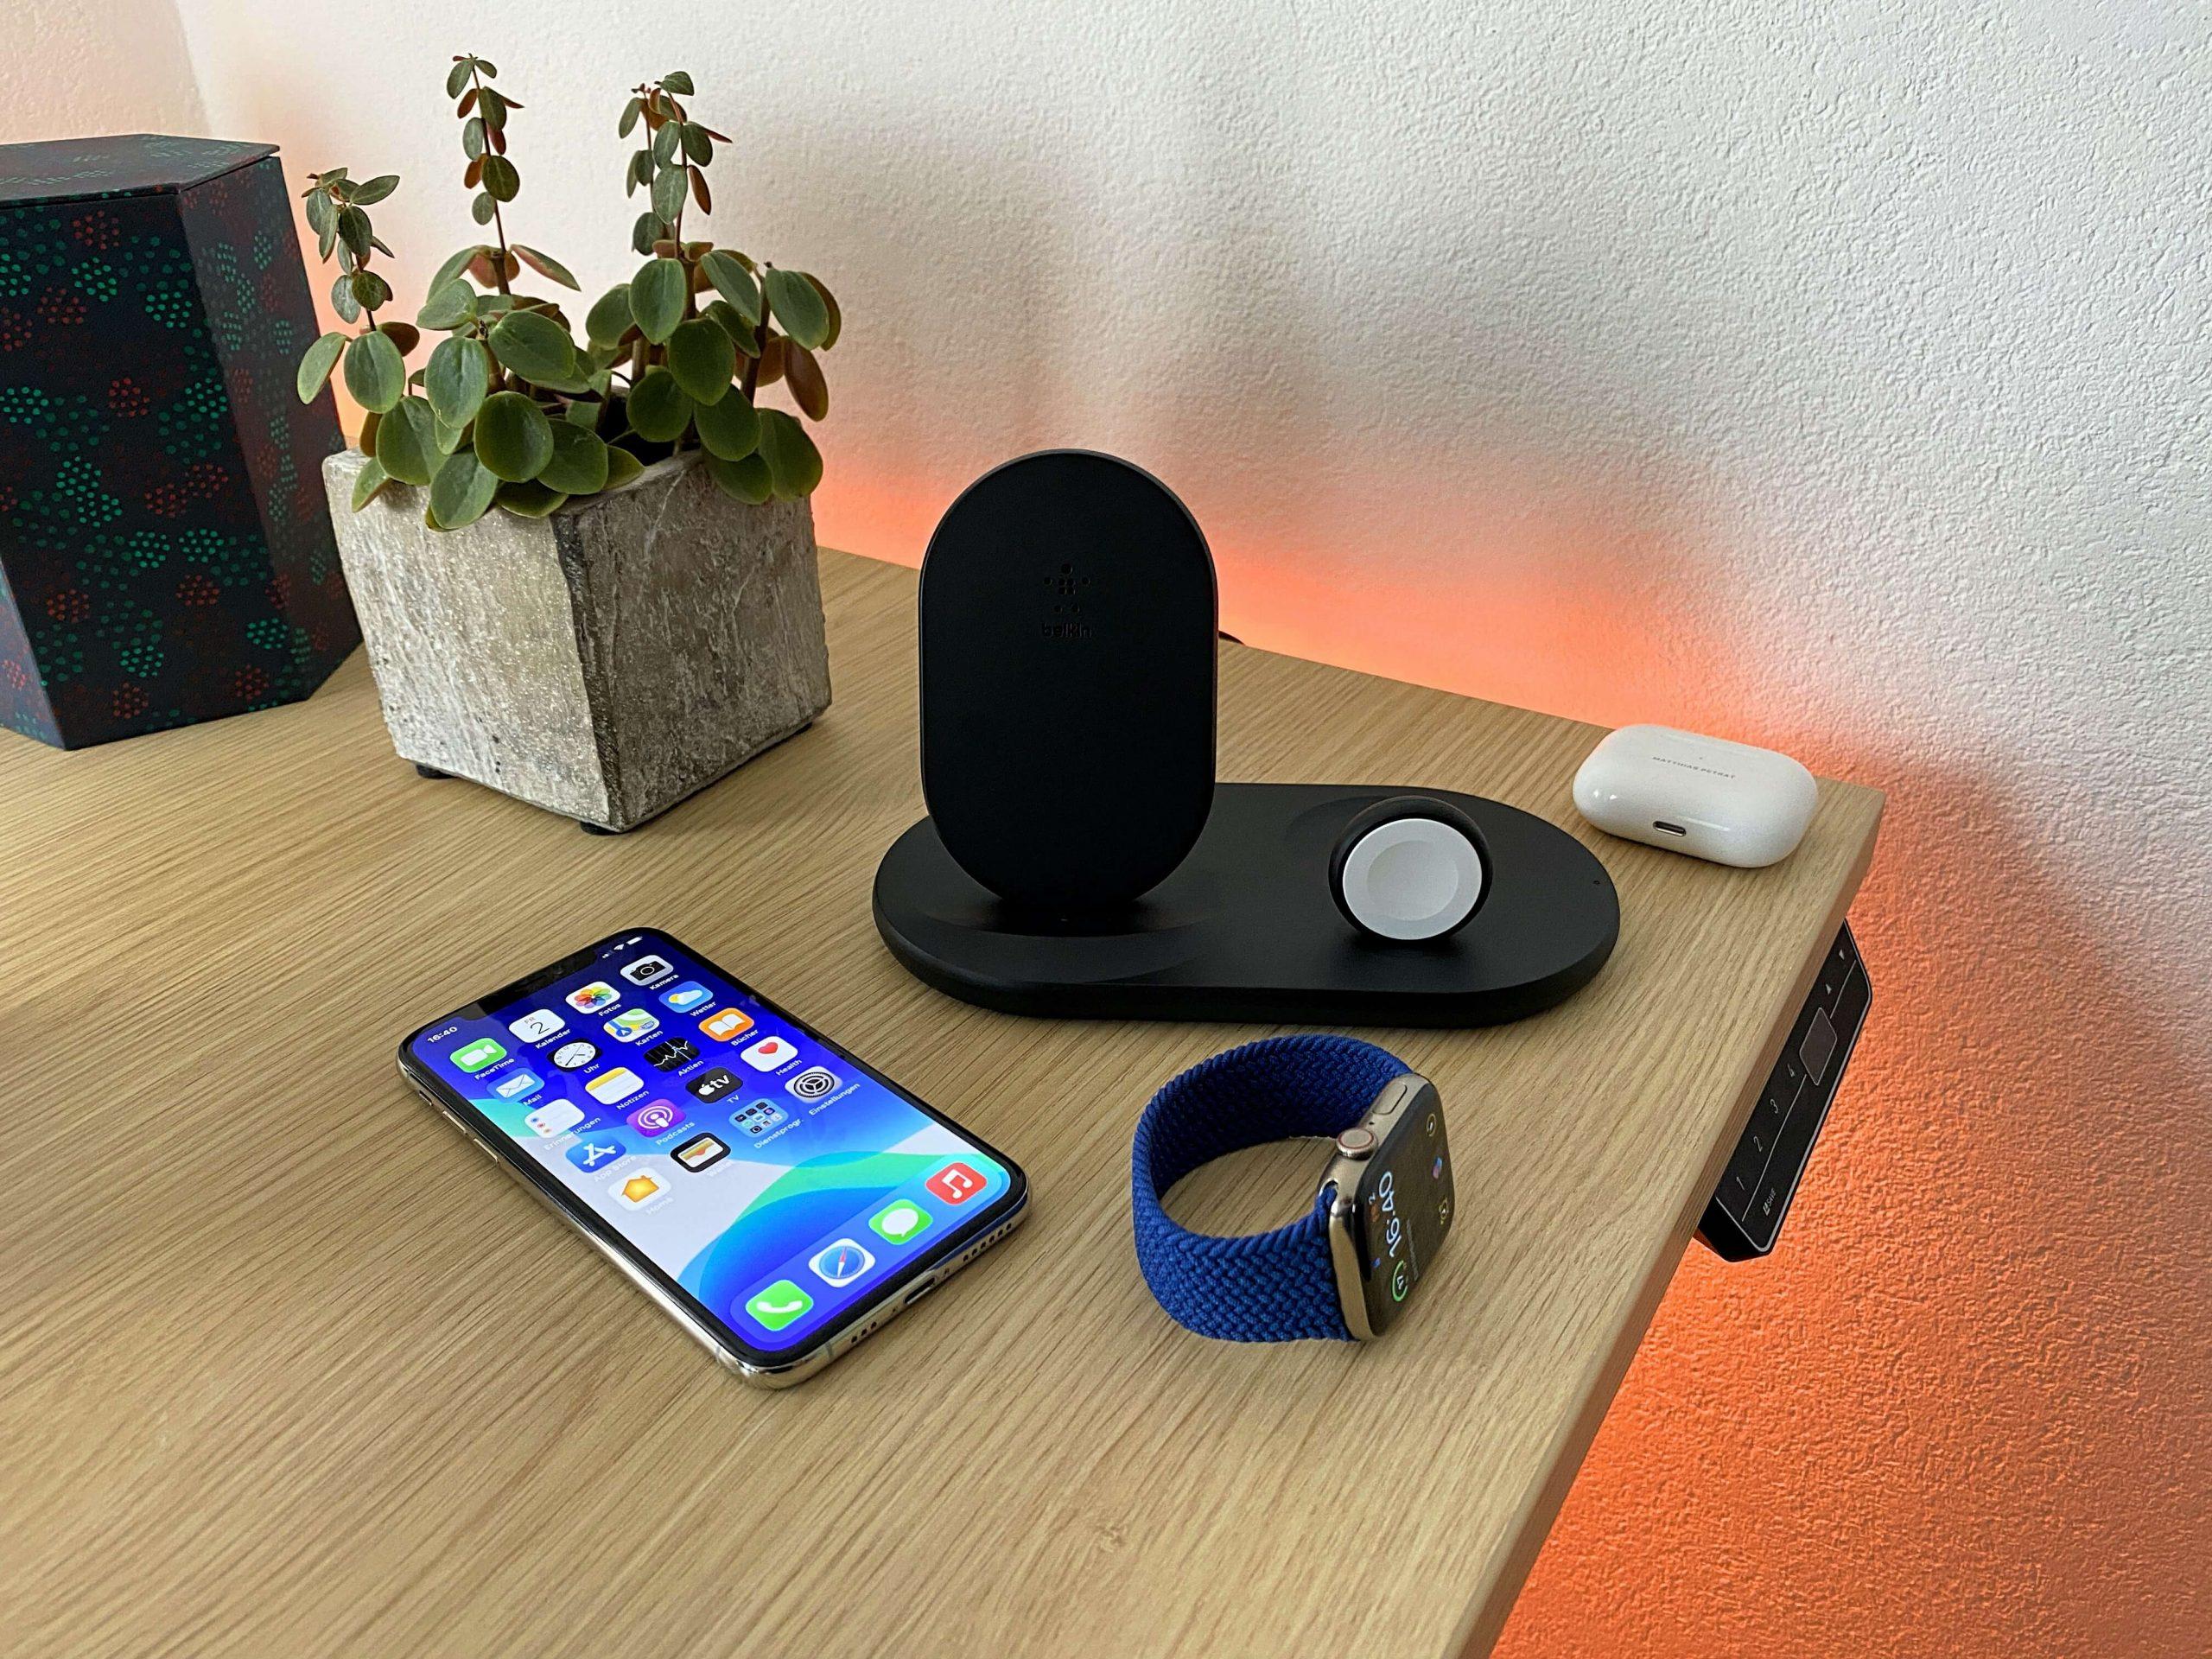 3-in-1-Wireless-Charger-von-Belkin-iPhone-Apple-Watch-und-AirPods-zeitgleich-laden2-scaled 3-in-1 Wireless Charger von Belkin - iPhone, Apple Watch und AirPods zeitgleich laden